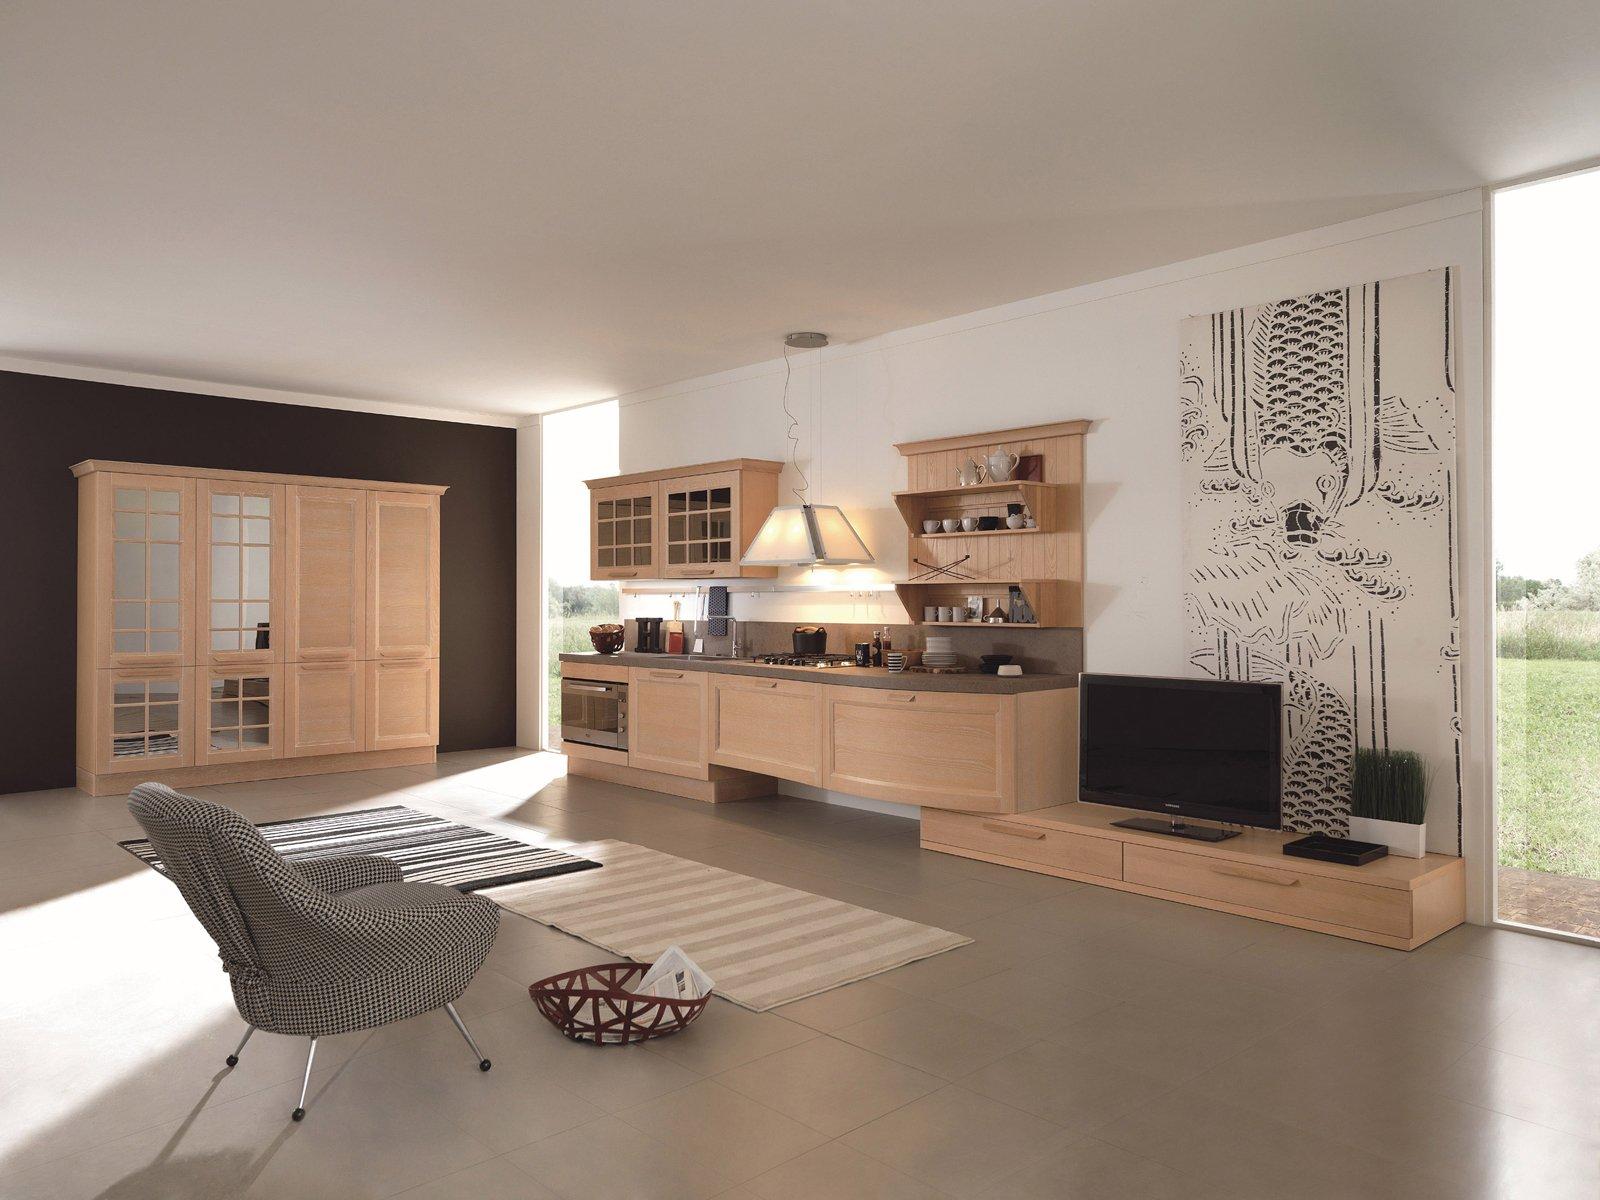 cucine country chic soprattutto bianche o tinta legno cose di casa. Black Bedroom Furniture Sets. Home Design Ideas